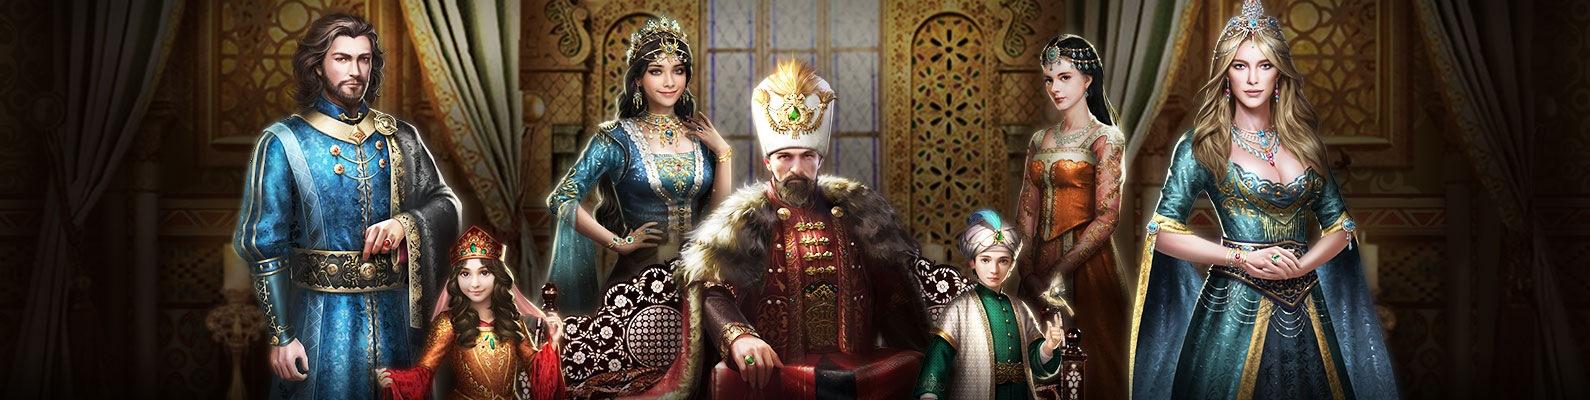 скачать игру великий султан взлом новая версия